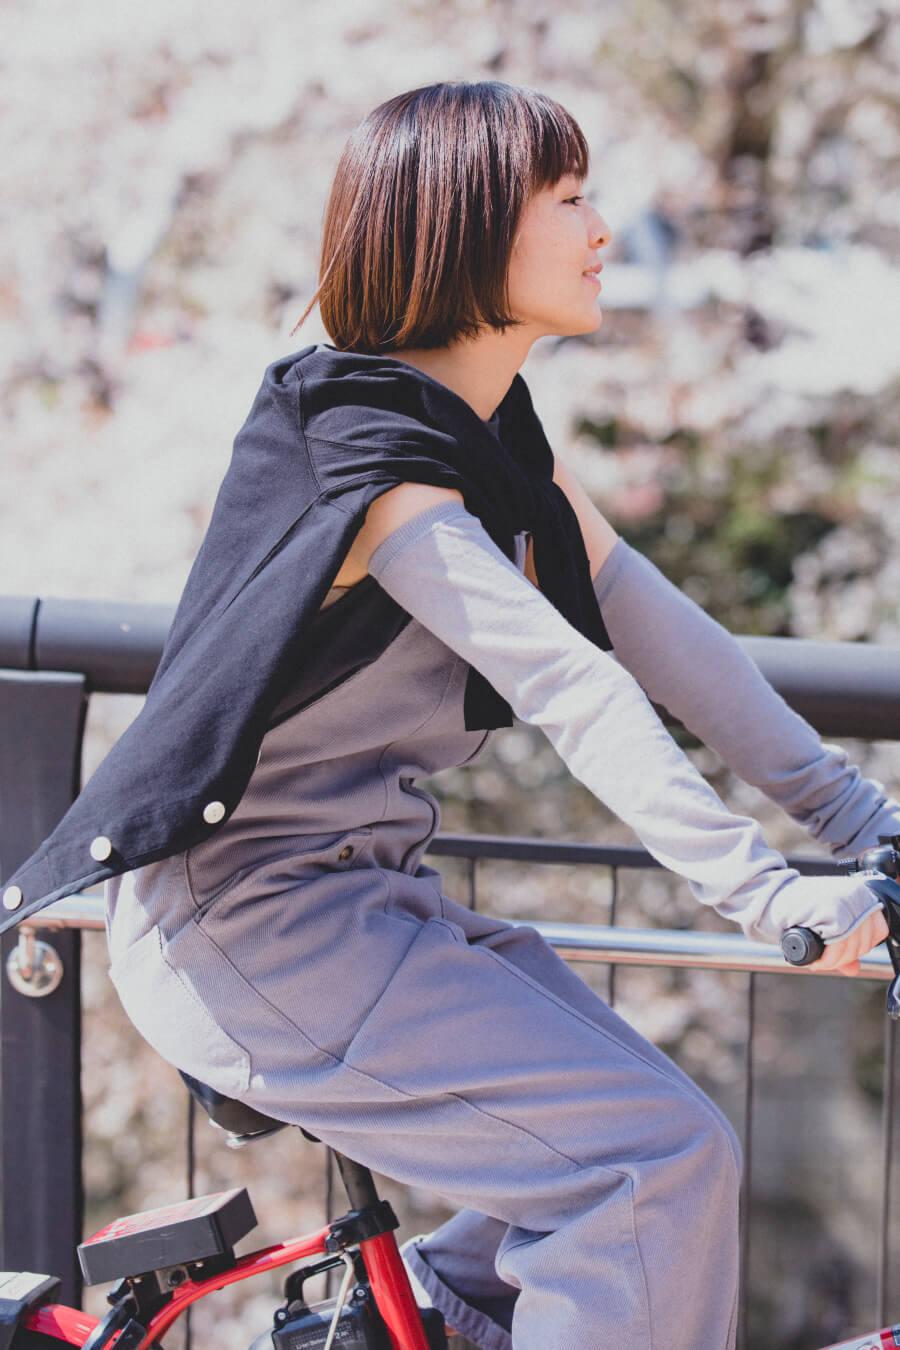 当たりつきギフト専用靴下のLUCKY SOCKS(ラッキーソックス)のSunscreen Plain Armcover(サンスクリーンプレーンアームカバー)のミディアムグレー_image1